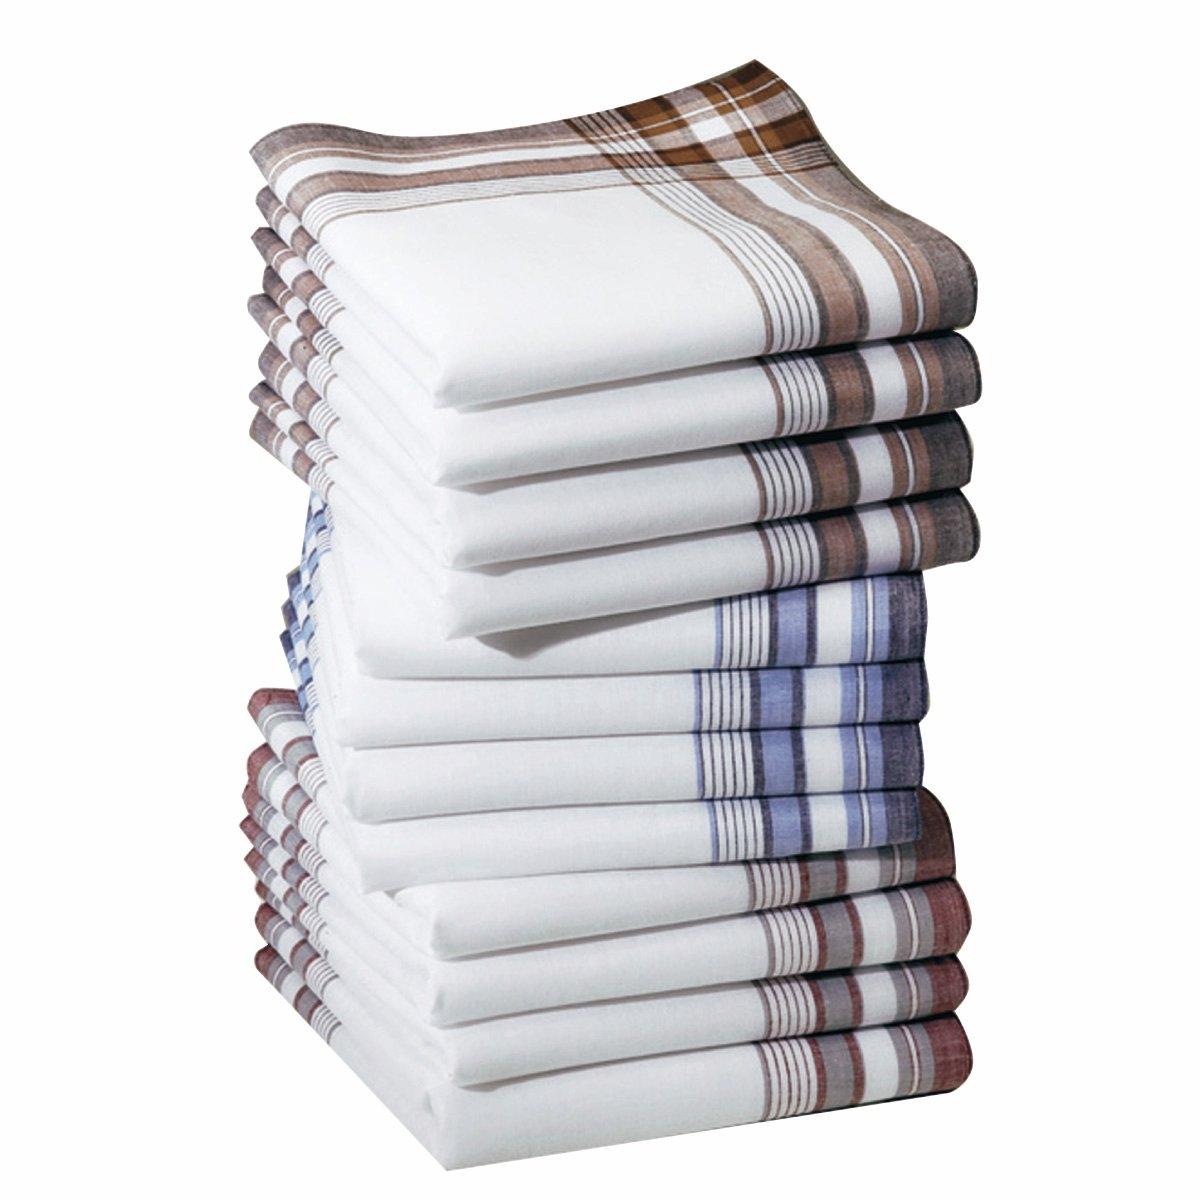 12 носовых платков12 носовых платков из 100% хлопка. Превосходное сочетание цена/качество! Стирка при 60°. Размер: 40 х 40 см.<br><br>Цвет: разноцветный